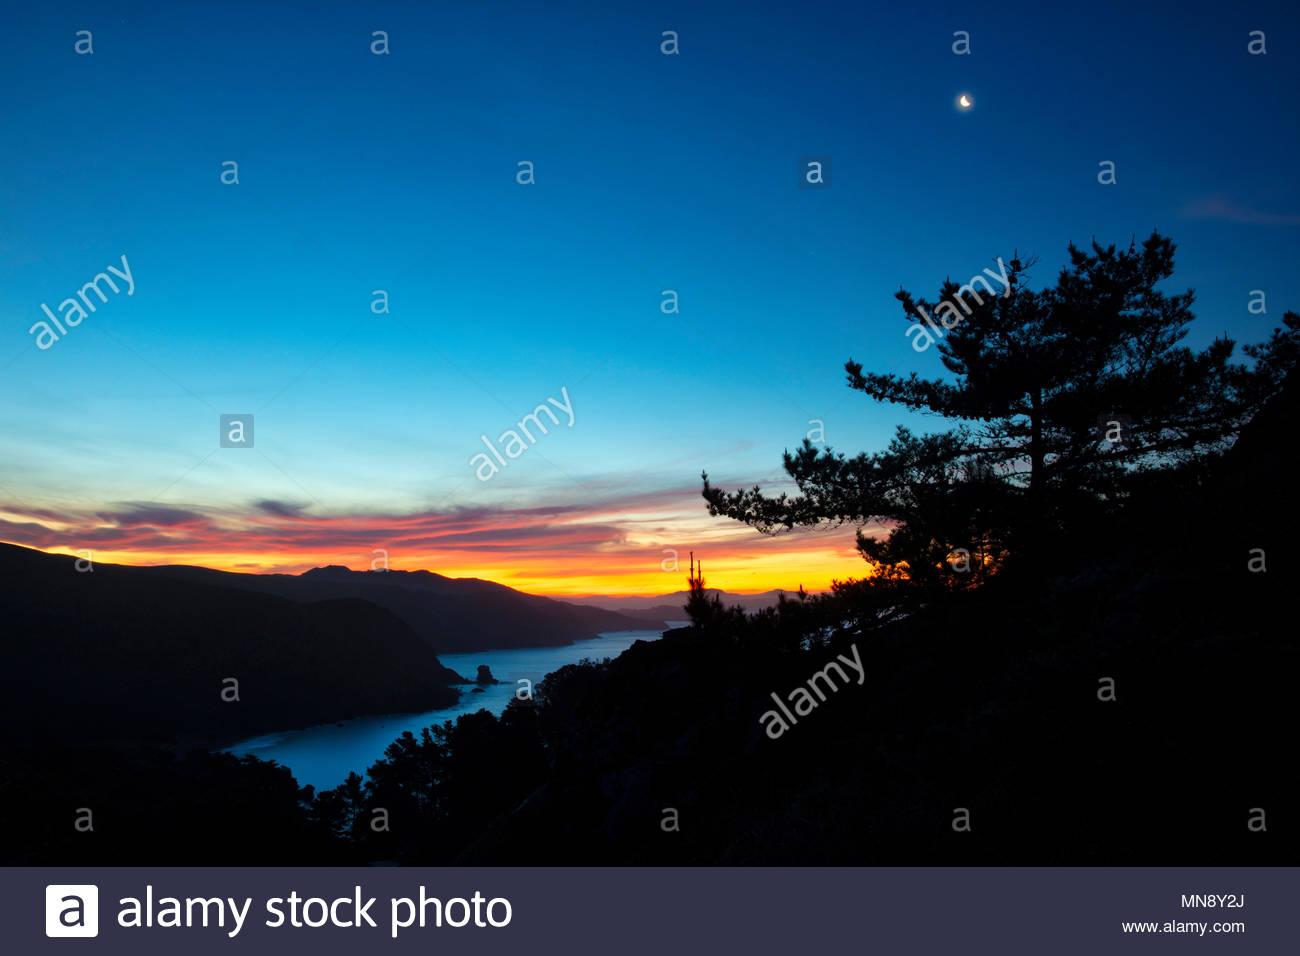 Les nuages, tourné fiery red par le soleil levant, et le croissant de lune sont dans le ciel au-dessus de Muir Beach dans le Golden Gate National Recreation Area près de San Photo Stock